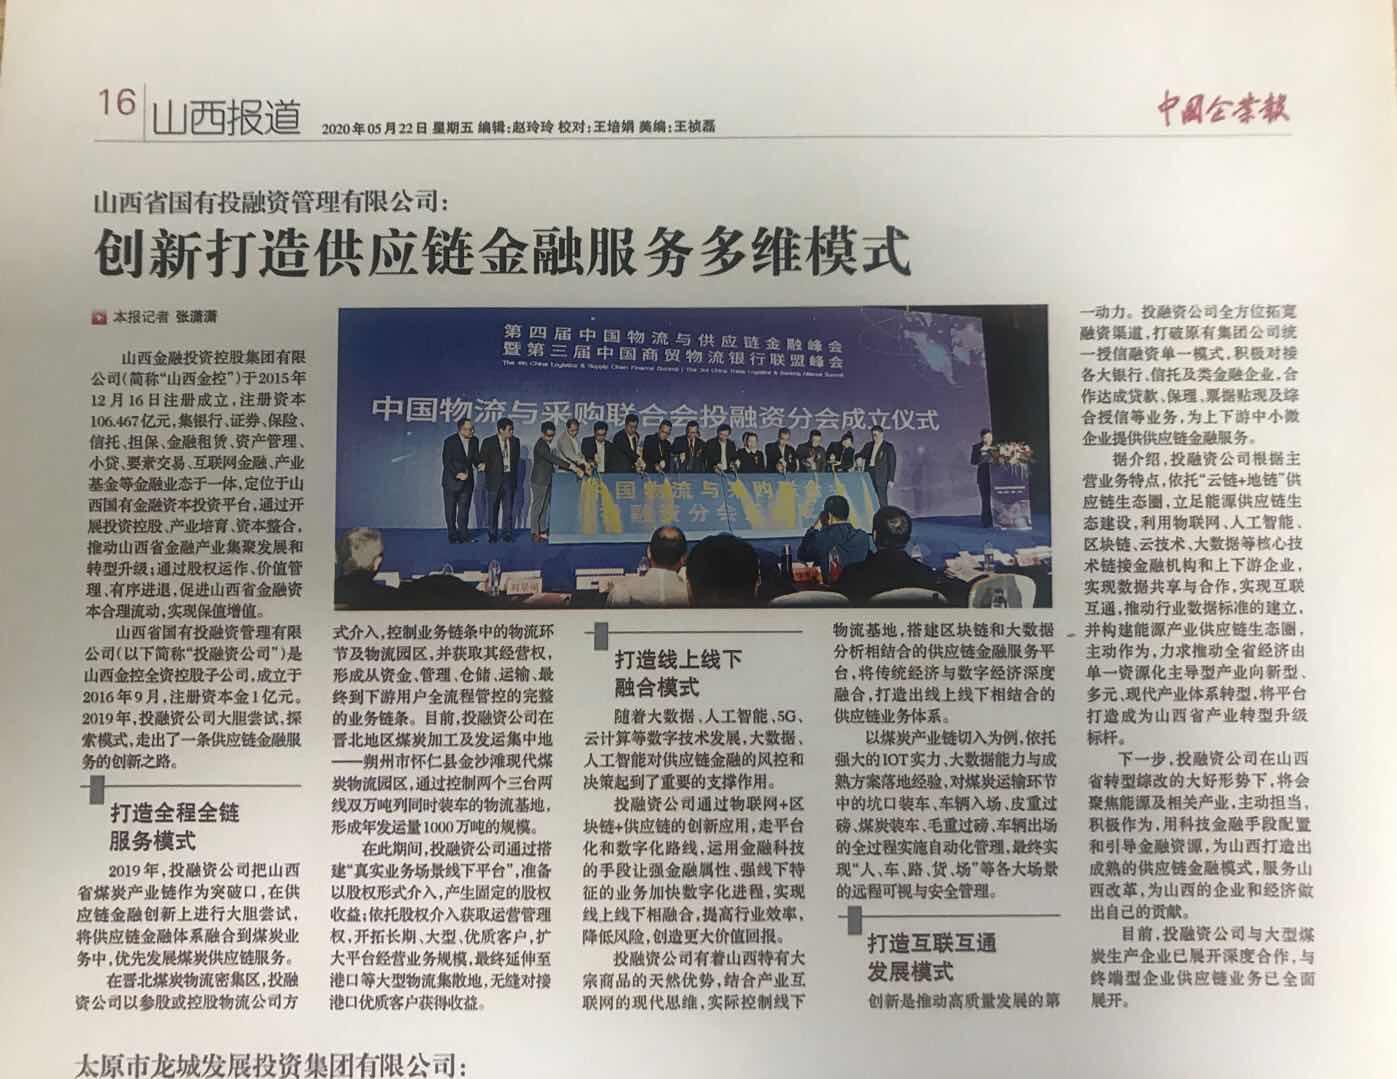 中国企业报对雷竞技电竞雷竞技官网公司进行了报道